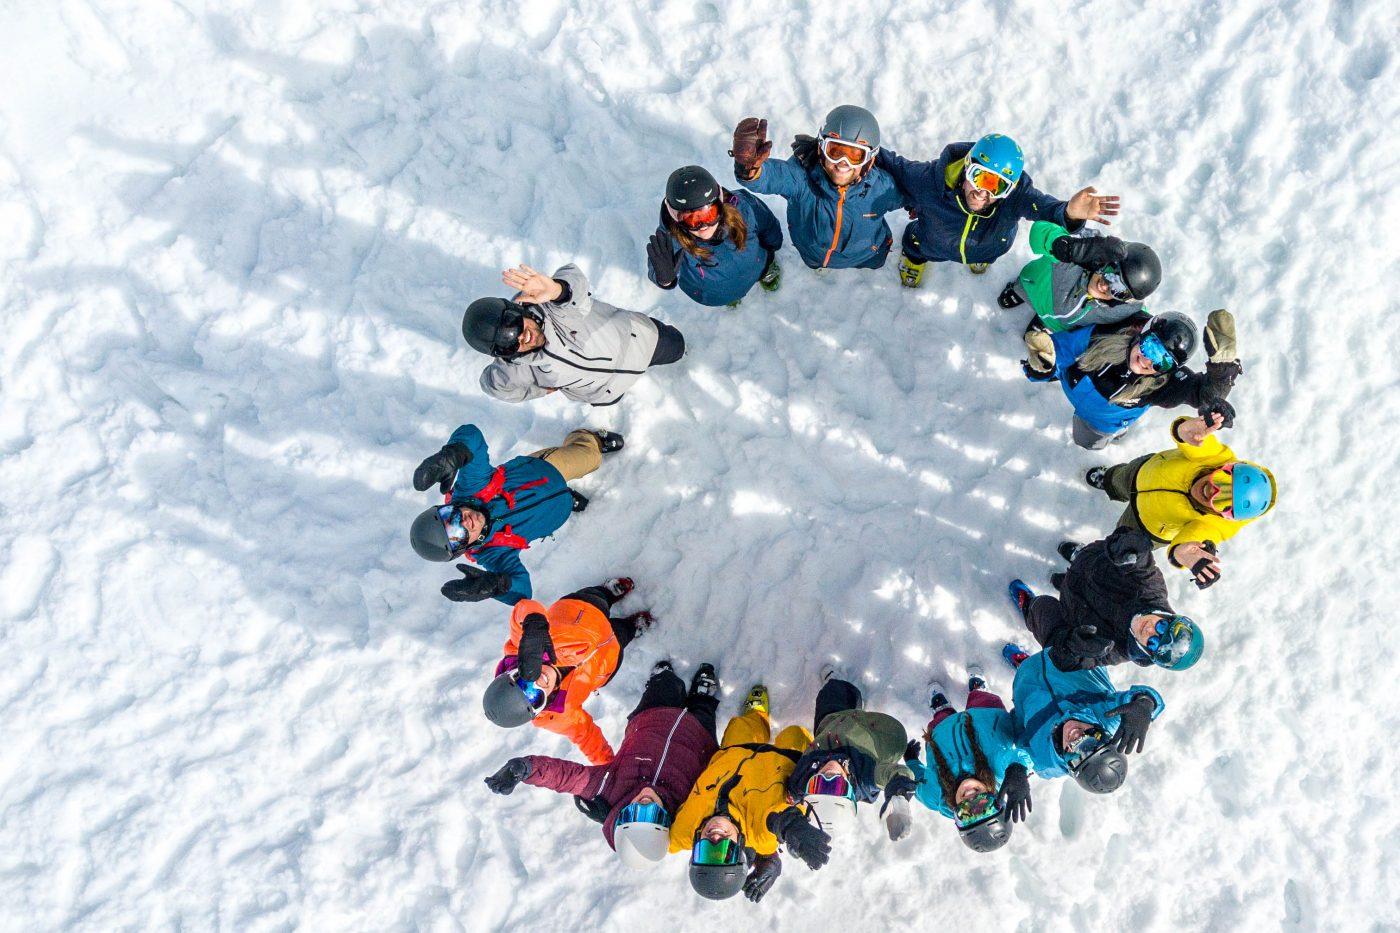 Berichterstattung über den Wintersport